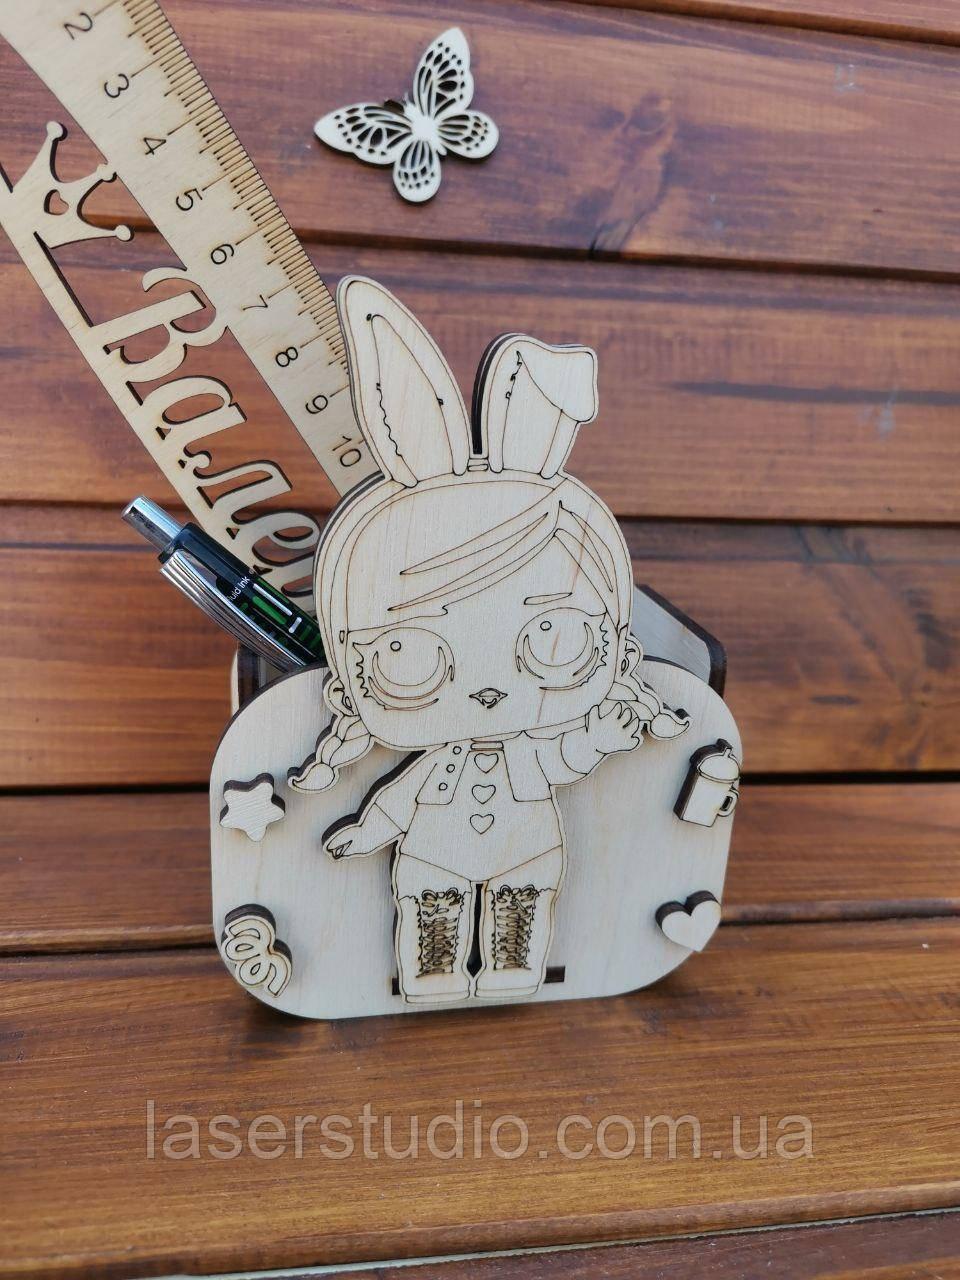 Органайзер для канцелярии из дерева Карандашница из дерева с Куклой ЛОЛ Детская подставка для ручек